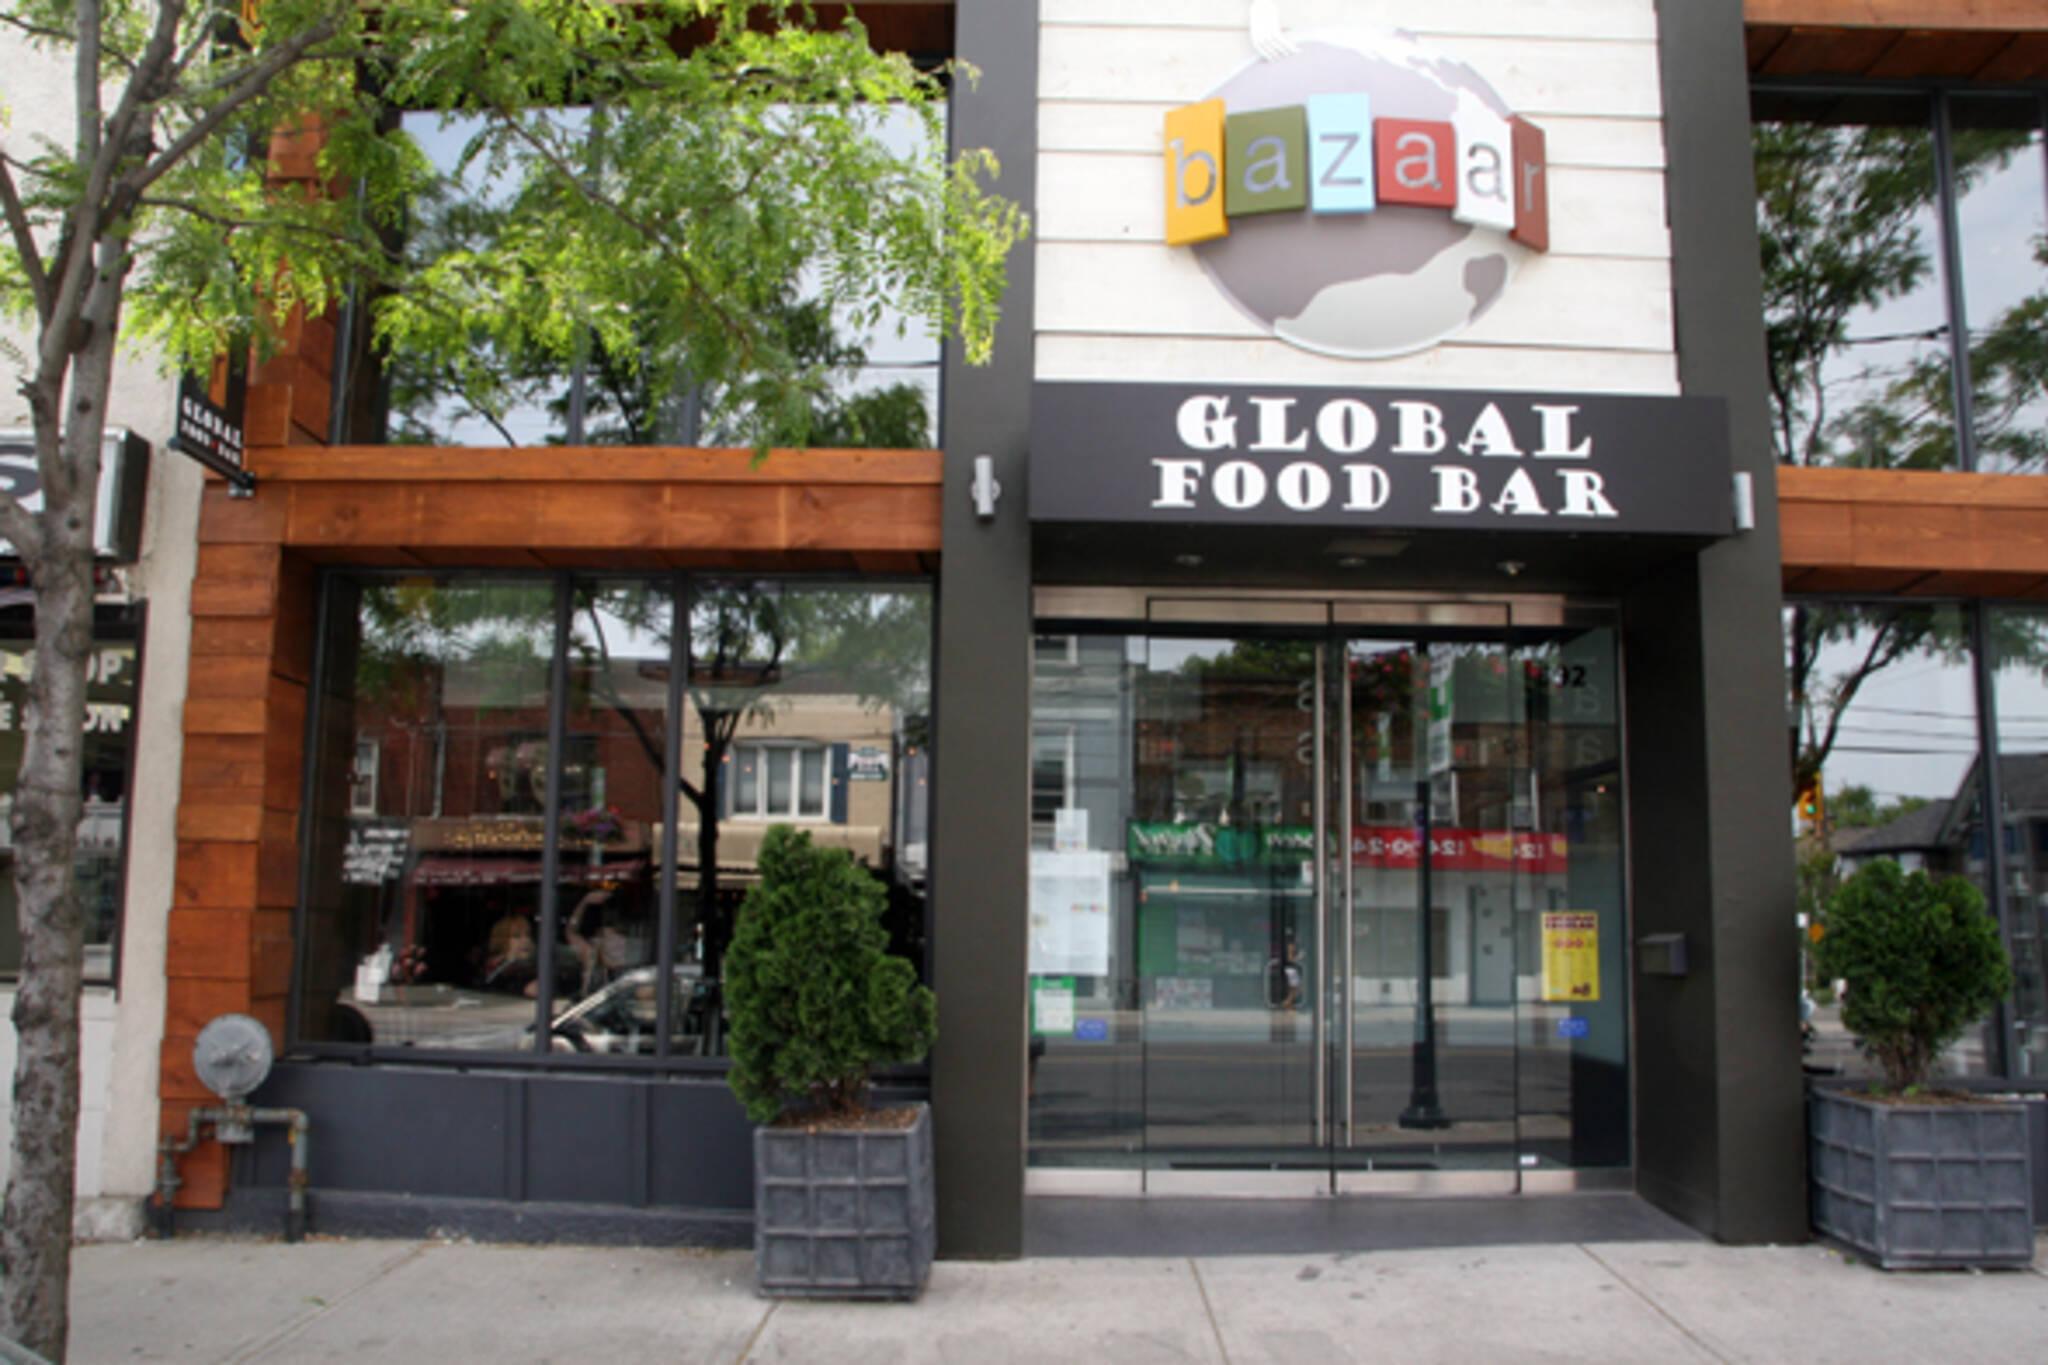 Bazaar Global Food Bar